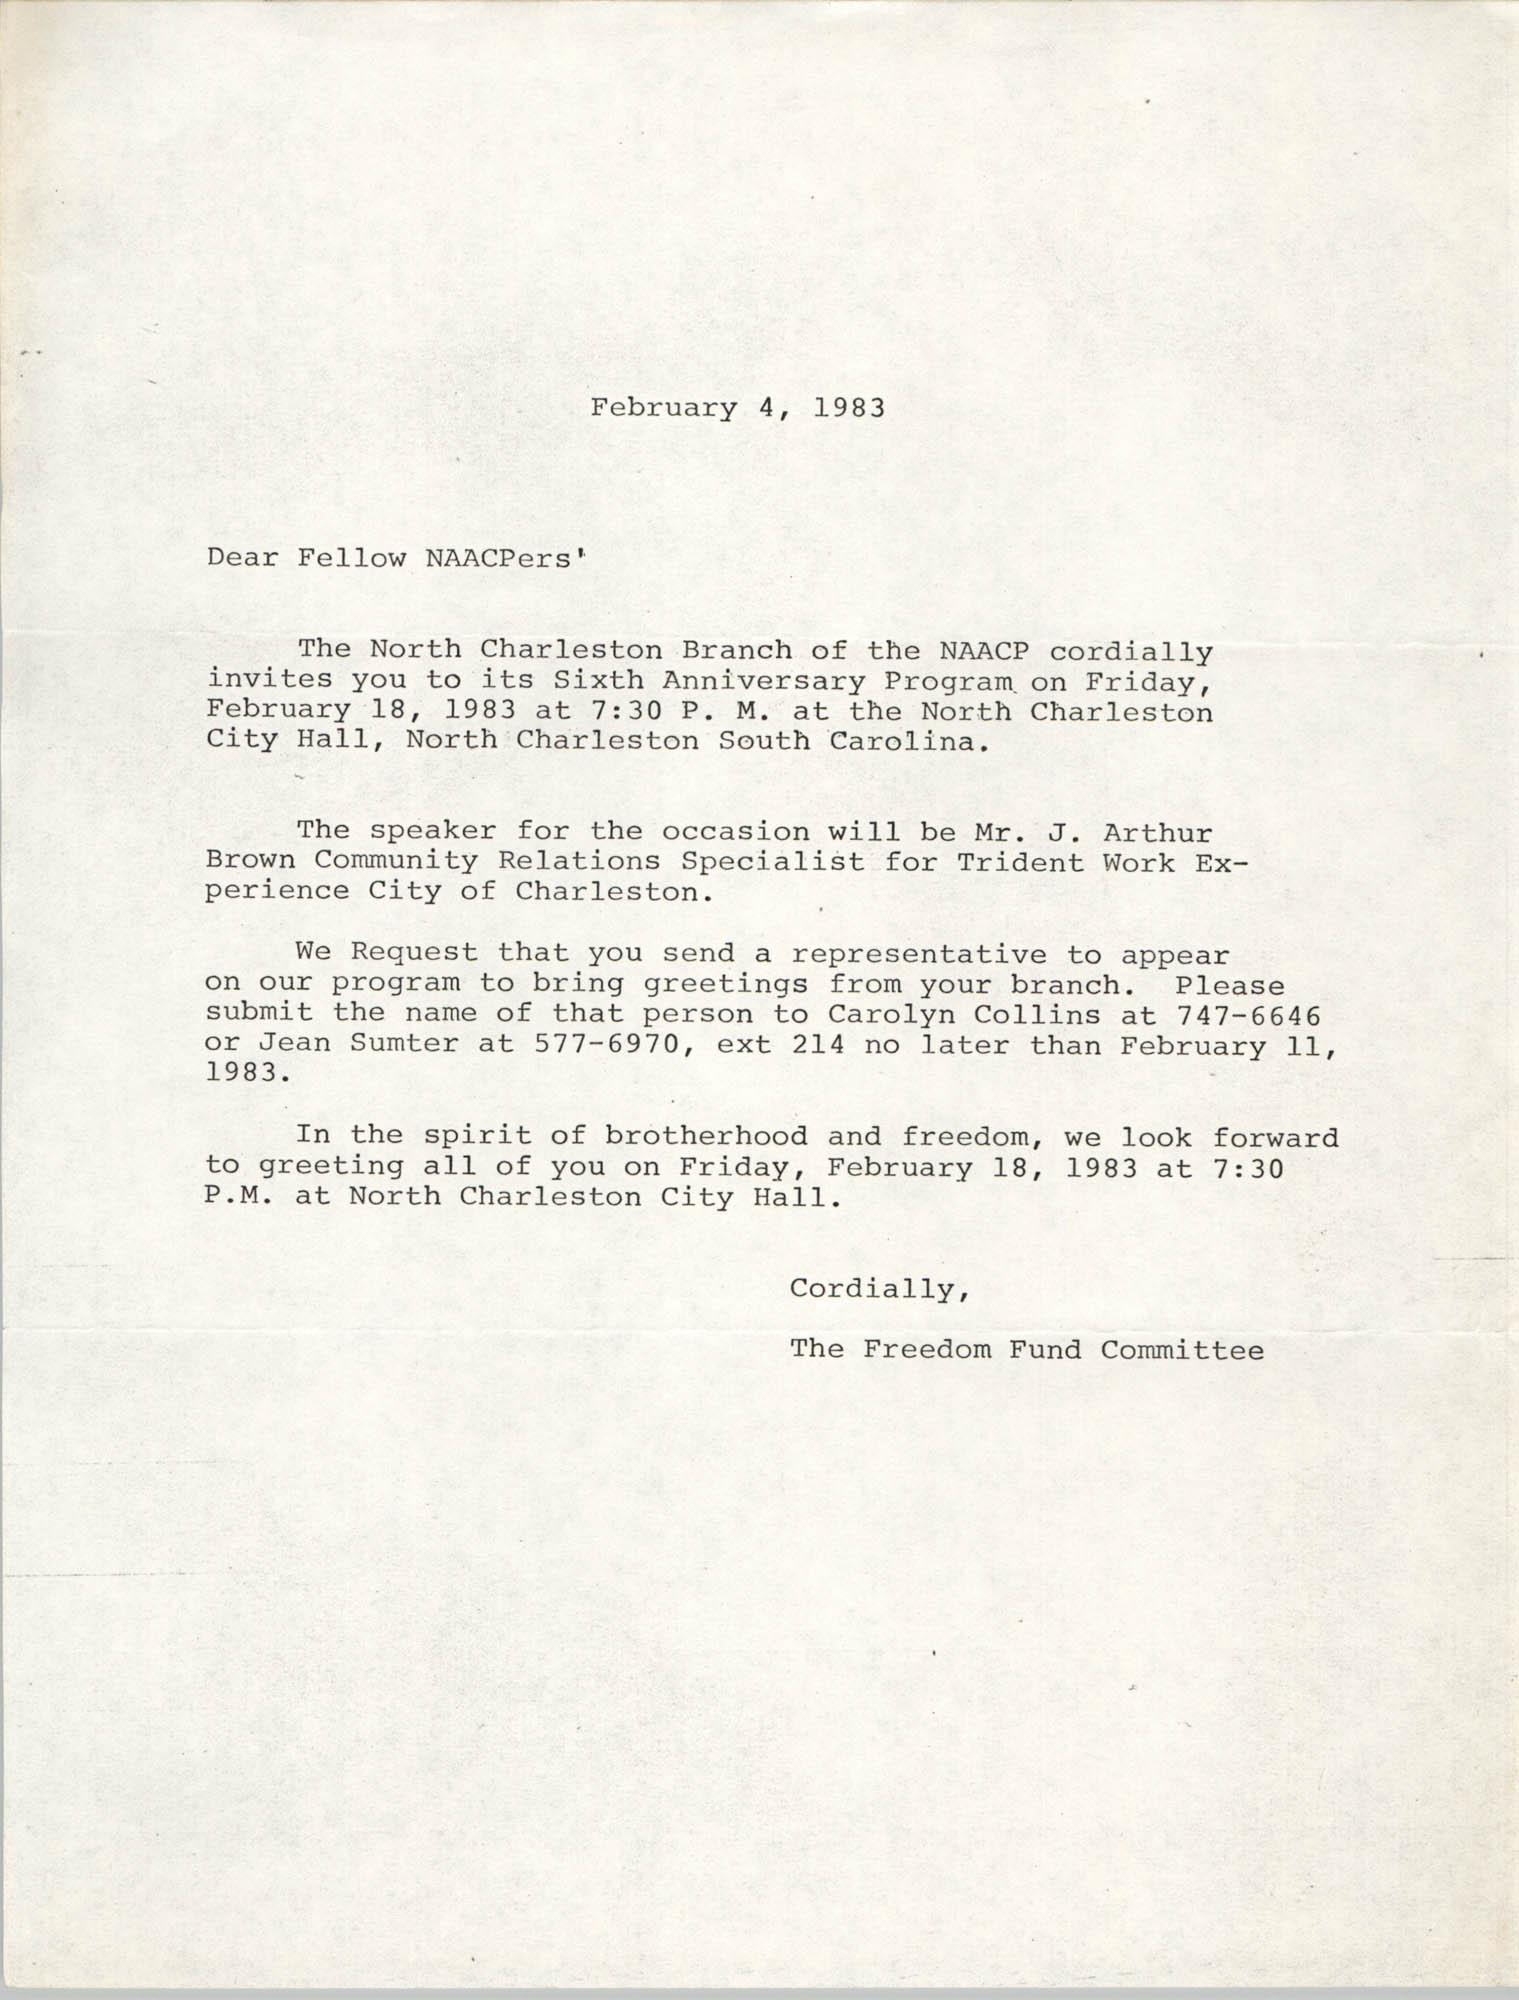 North Charleston Branch of the NAACP Memorandum, February 4, 1983